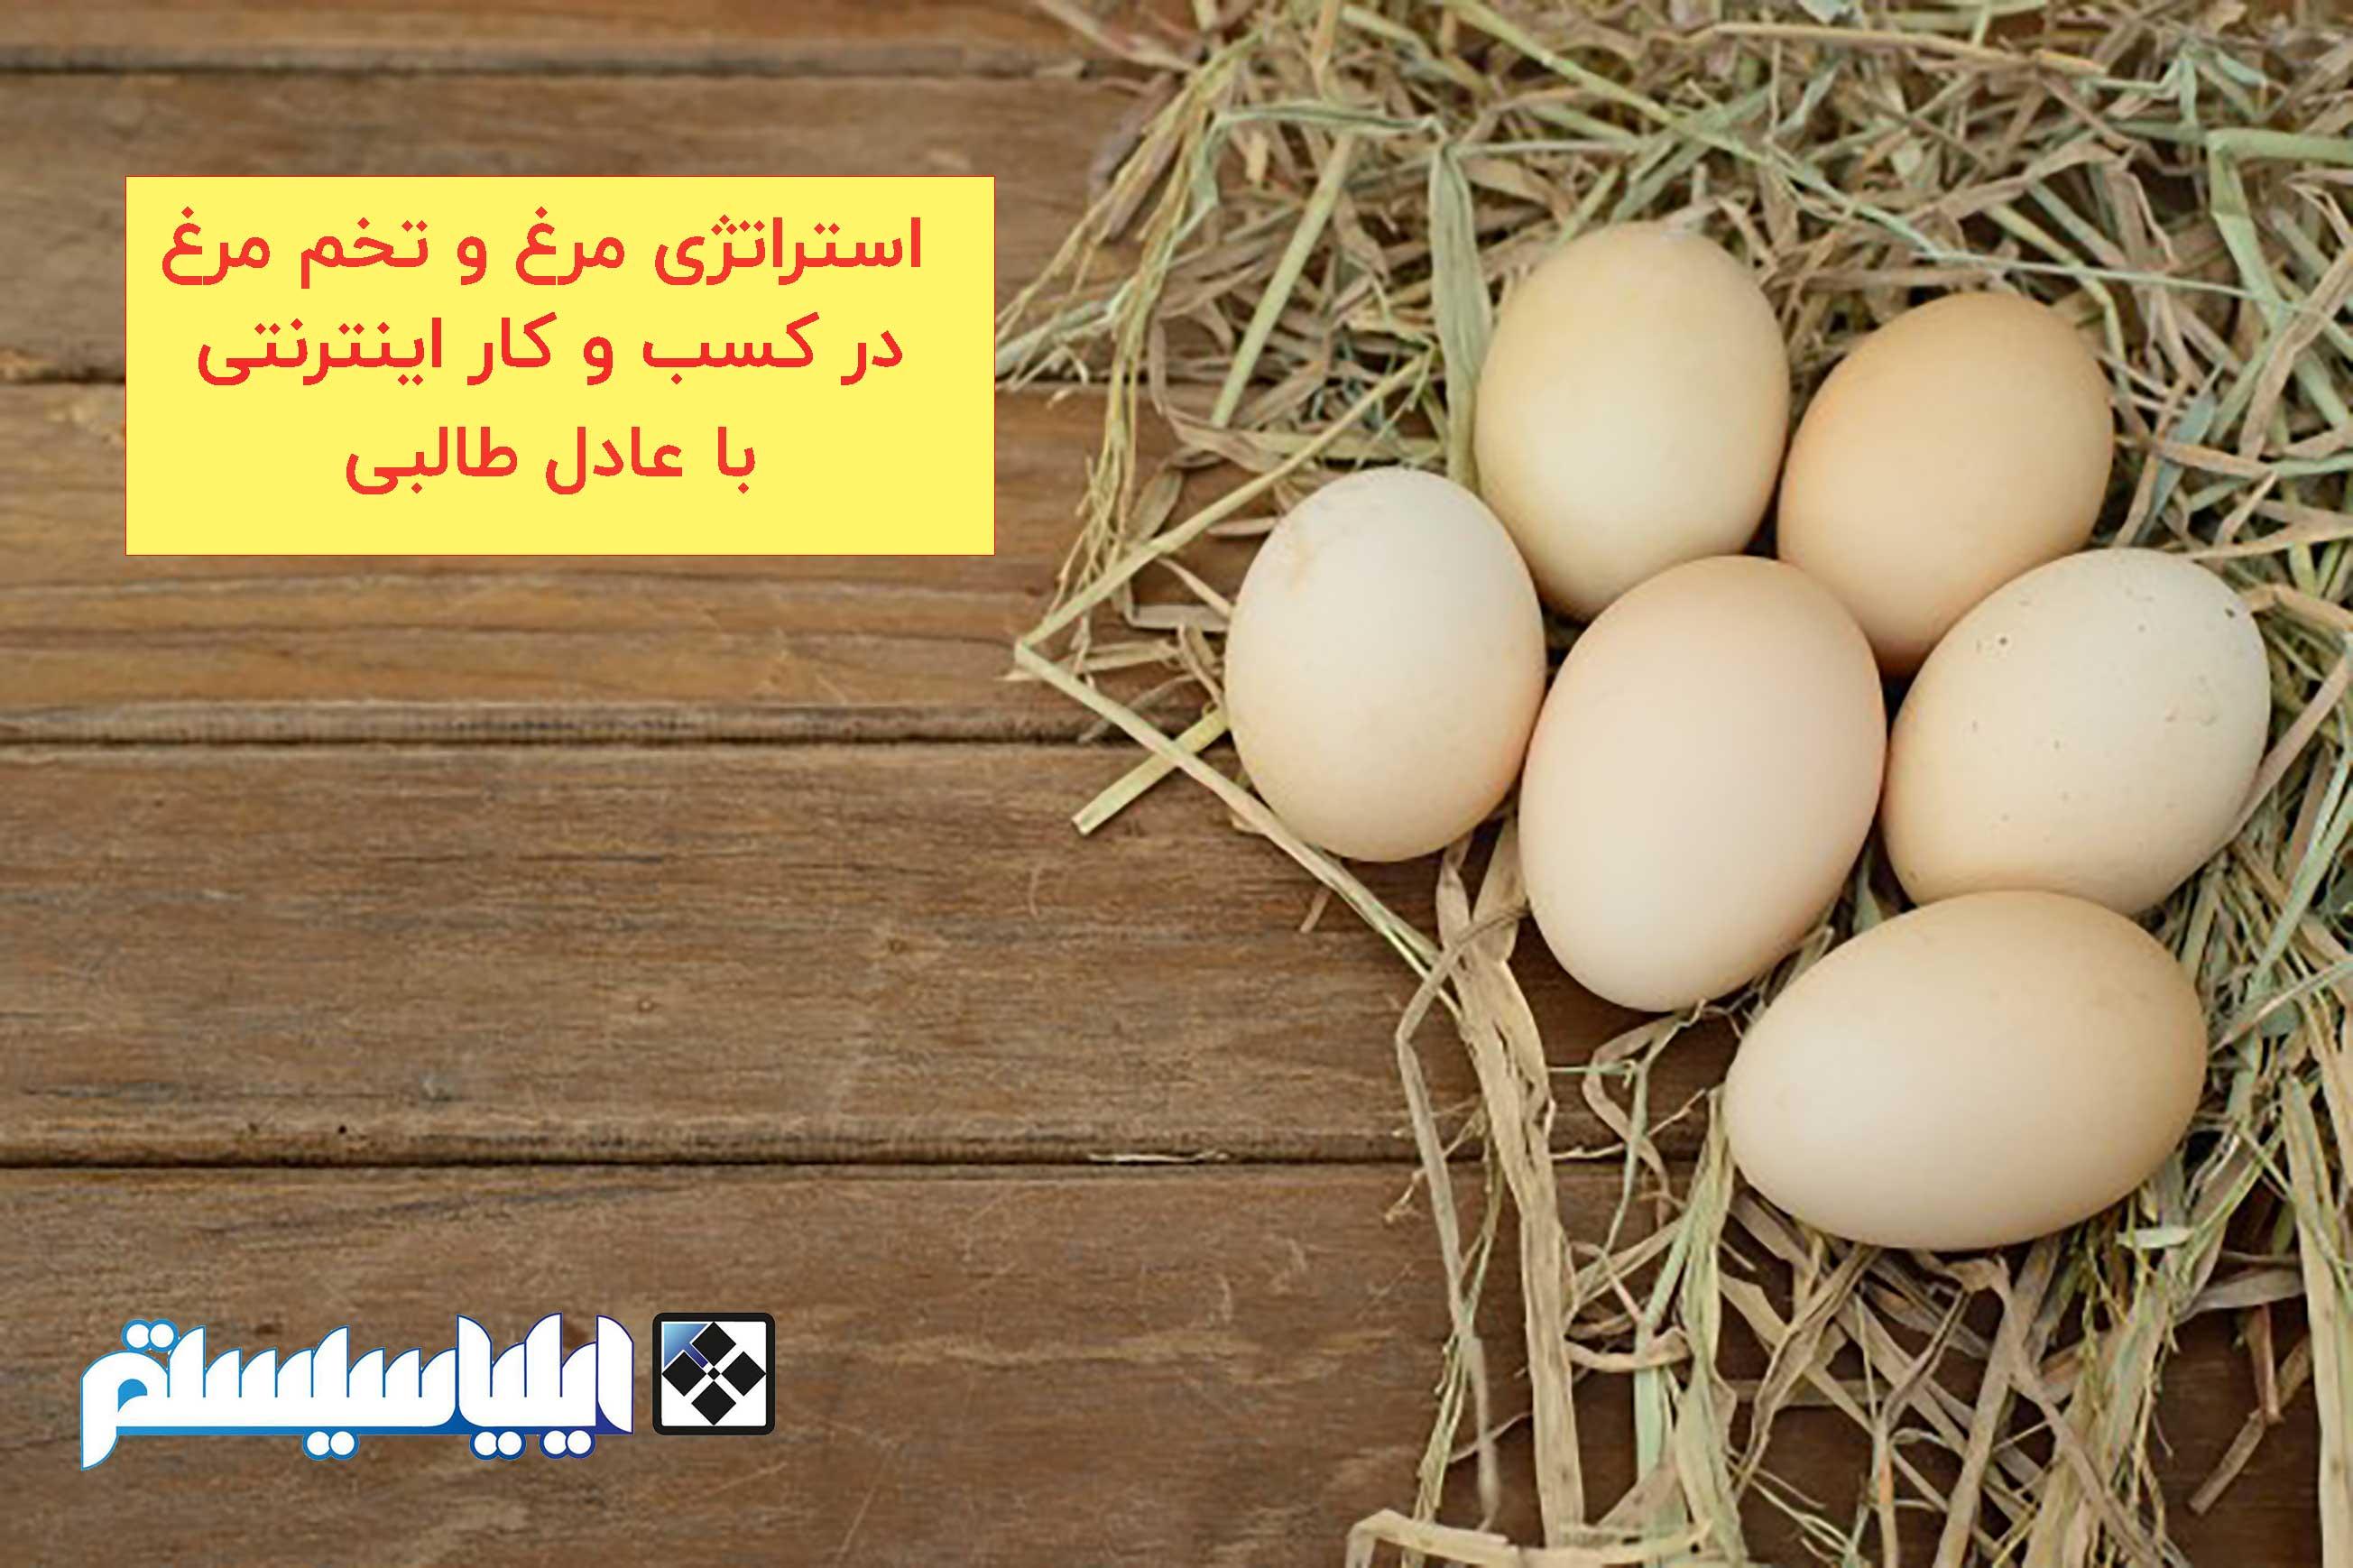 استراتژی مرغ و تخم مرغ در کسب و کار اینترنتی به گفته عادل طالبی (فایل شماره 2)